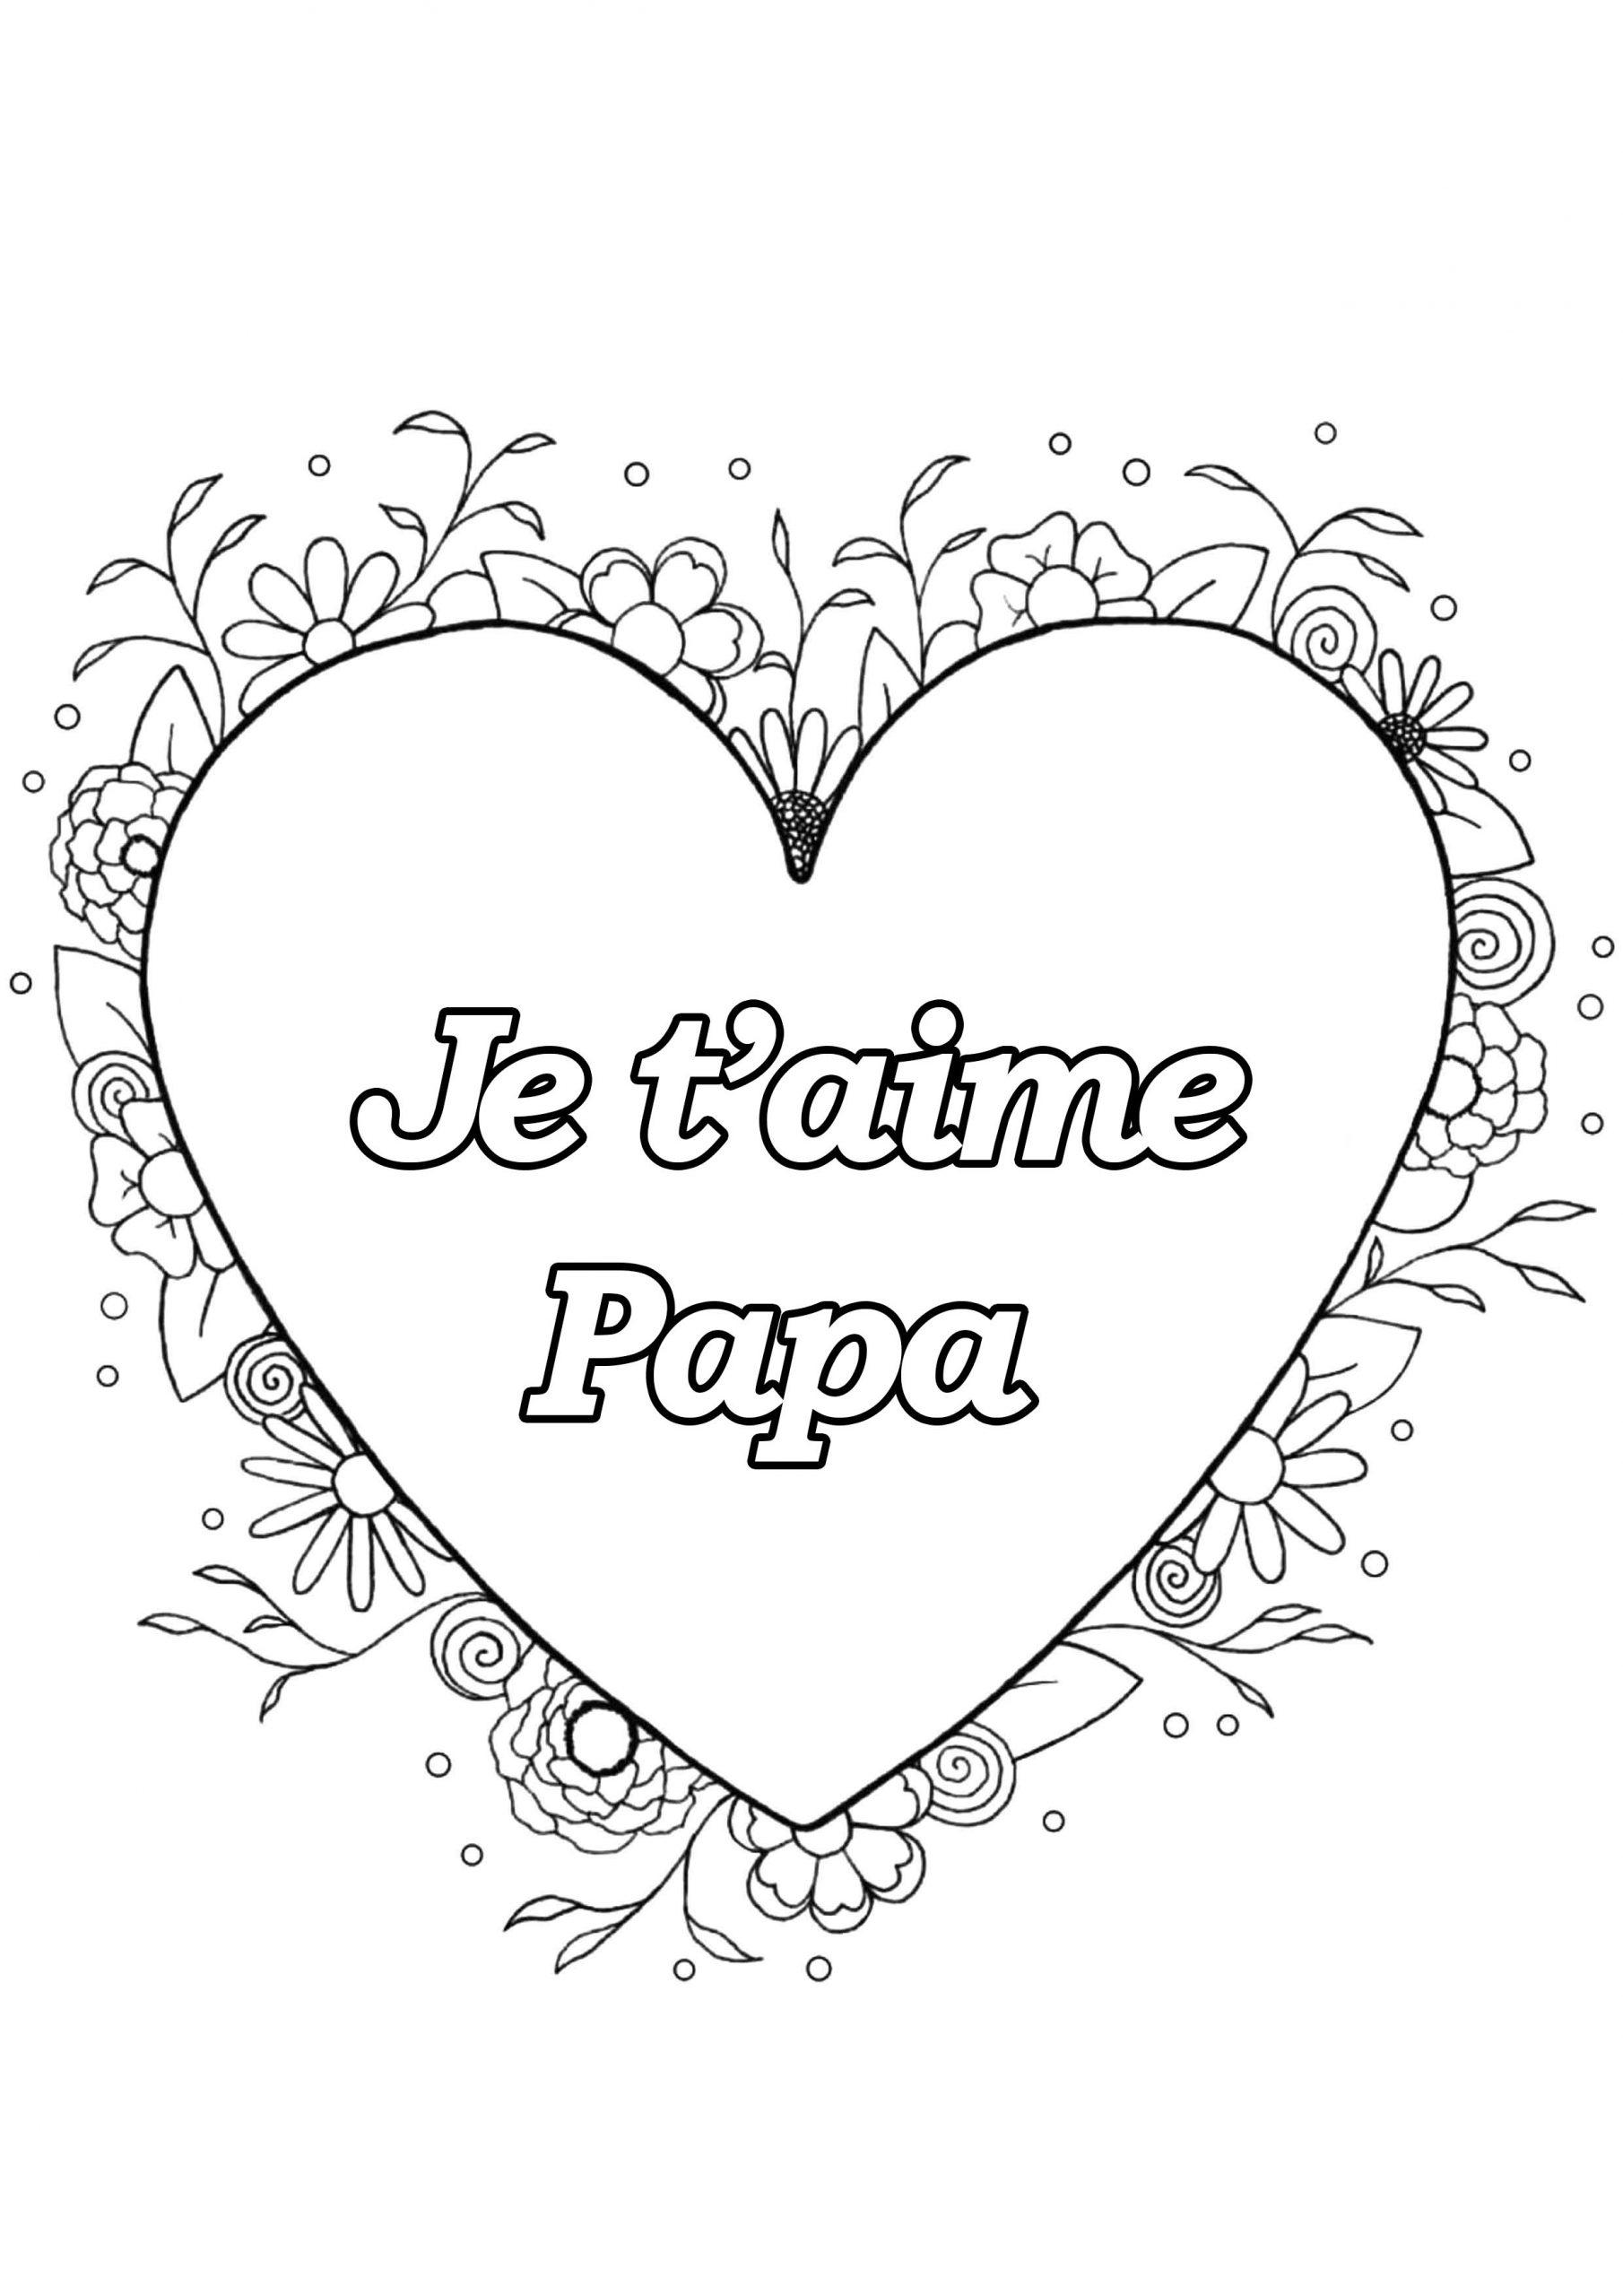 Fete Des Peres 8 - Fête Des Pères - Coloriages Difficiles concernant Coloriage Fete Des Peres A Imprimer Gratuit